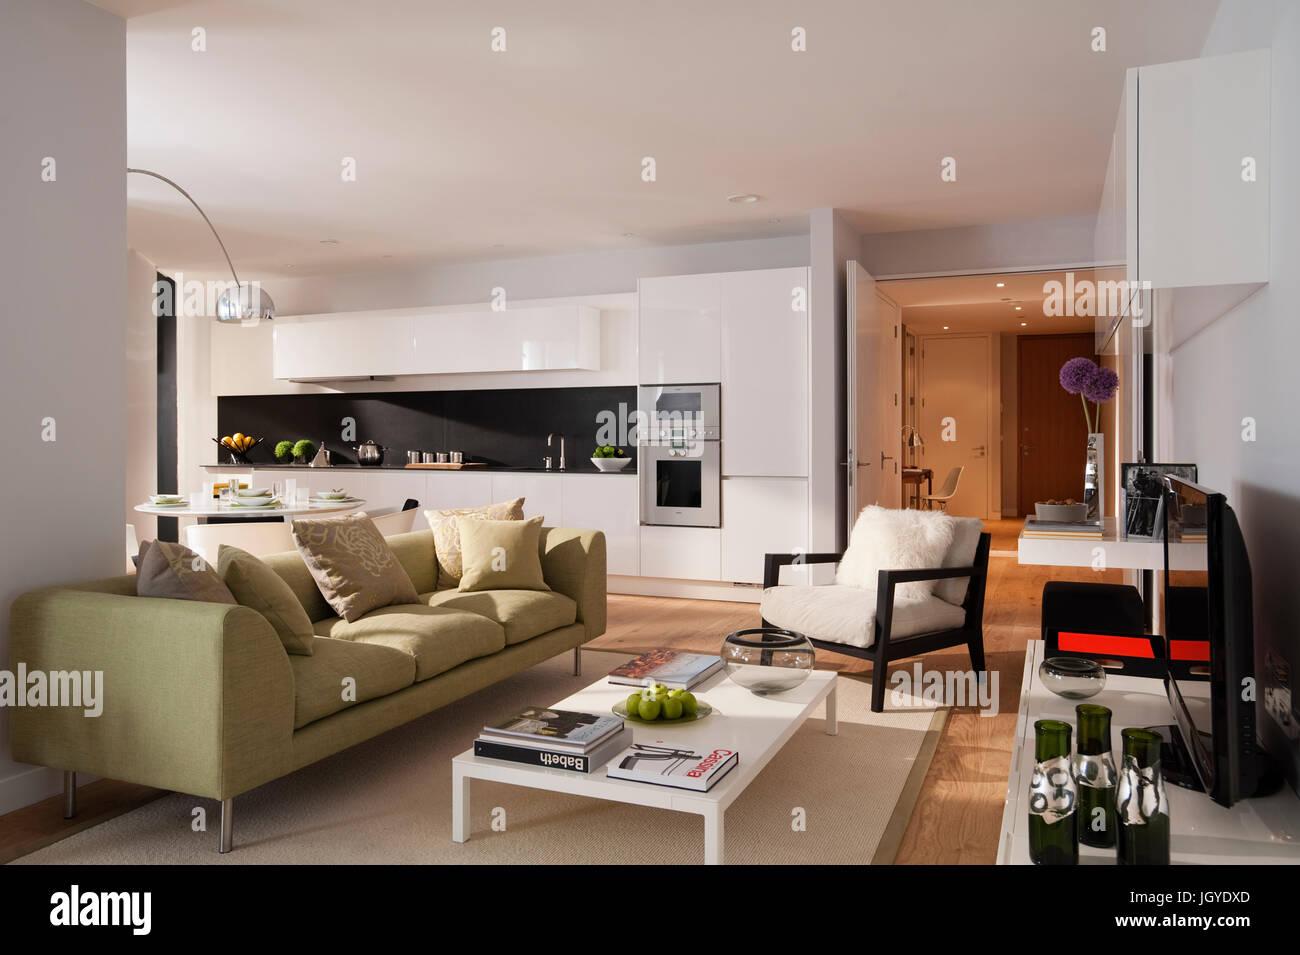 Offenen Wohnraum und Küche mit grünen sofa Stockfoto, Bild ...